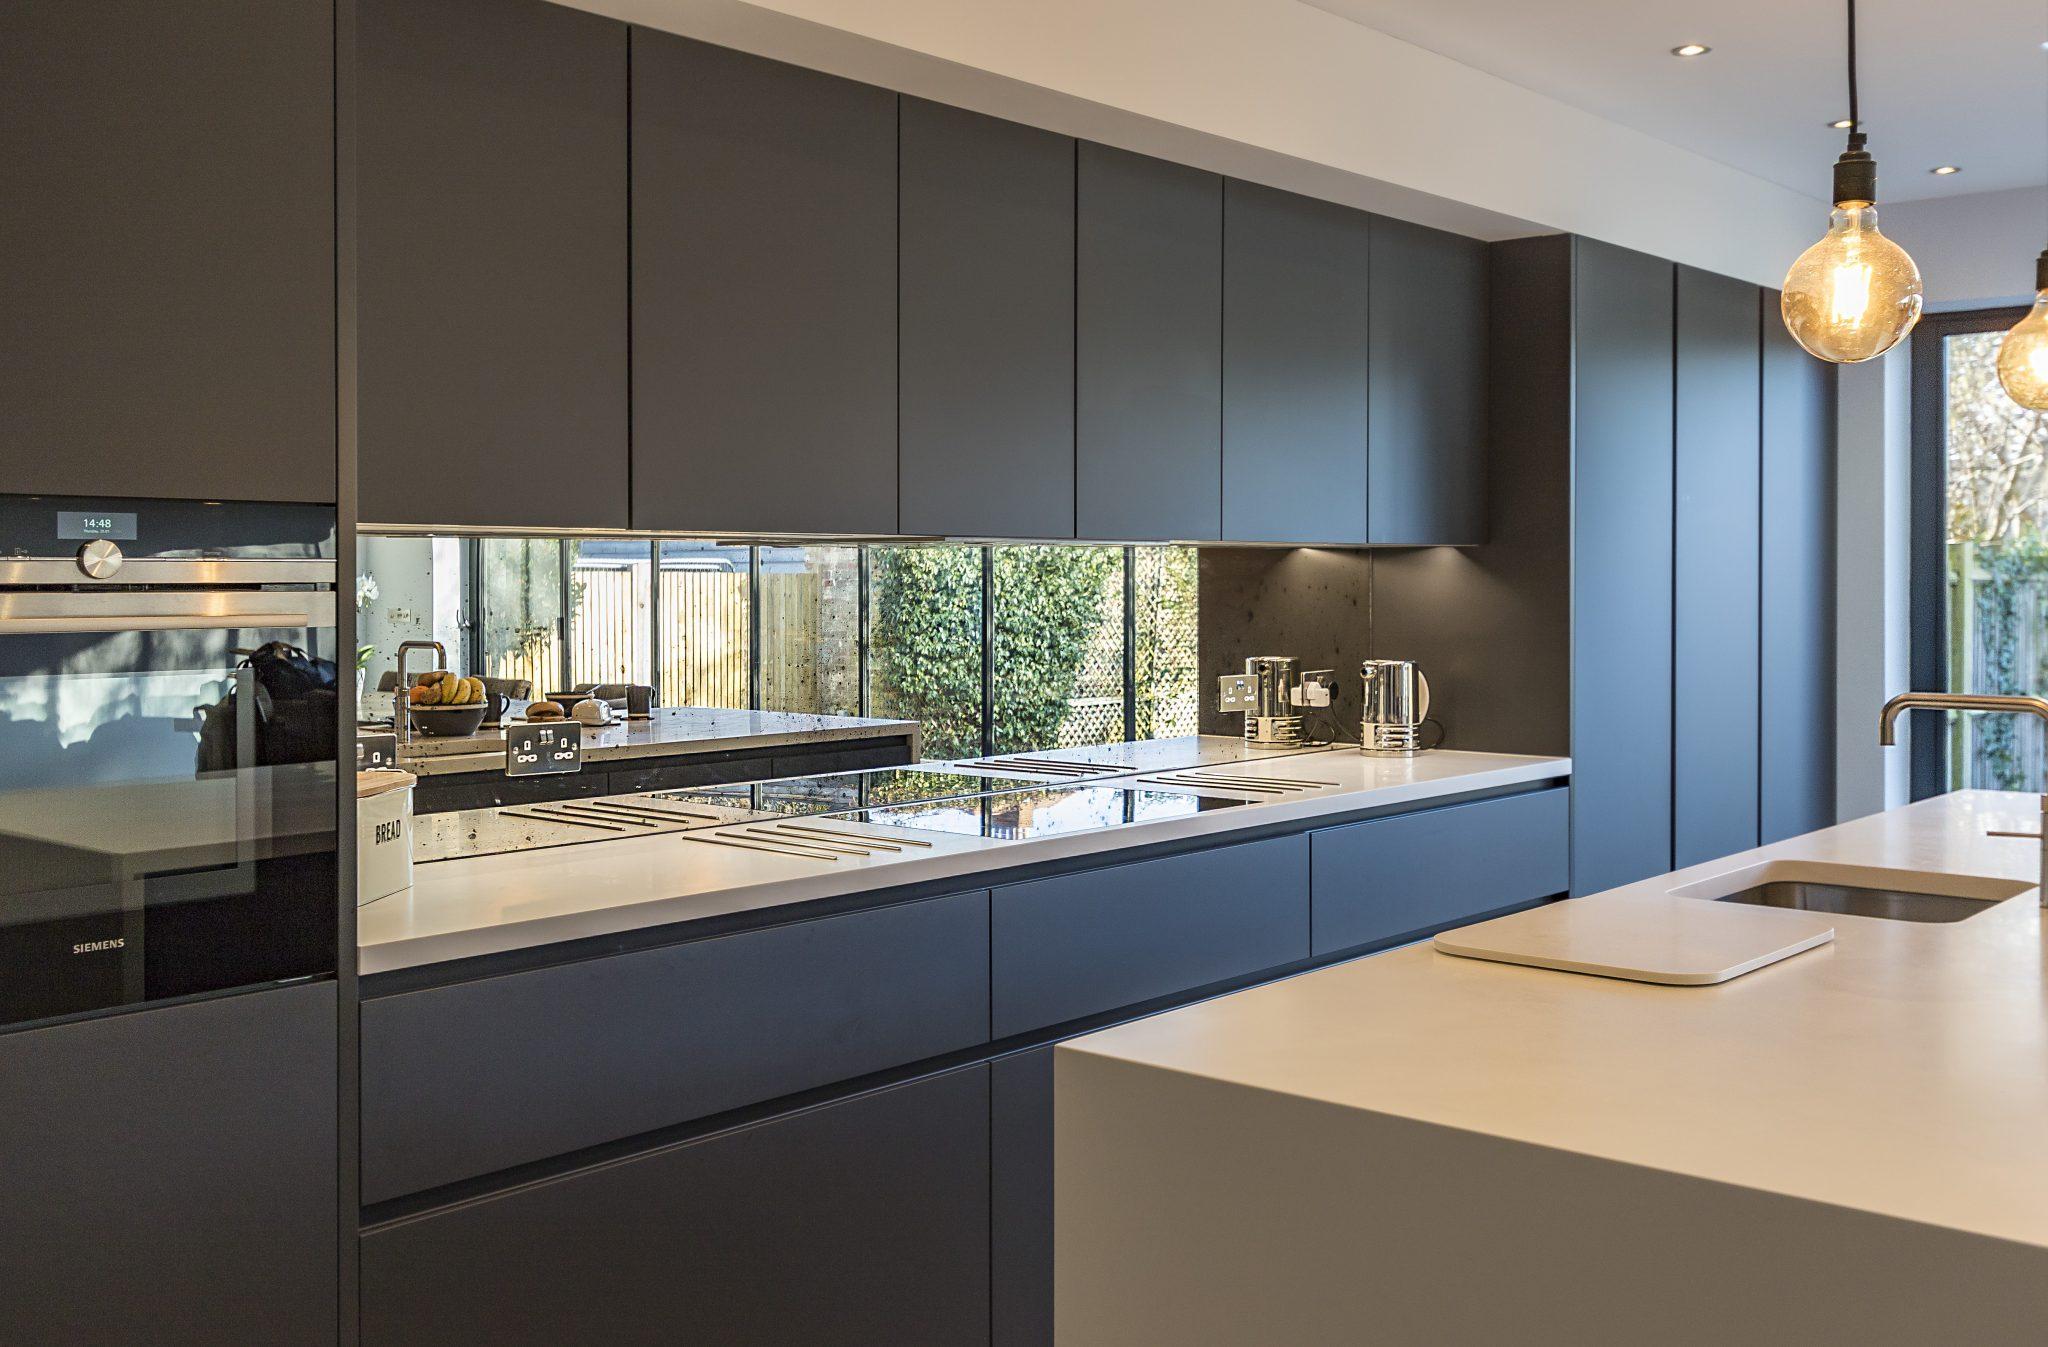 leicht kitchen carbon grey